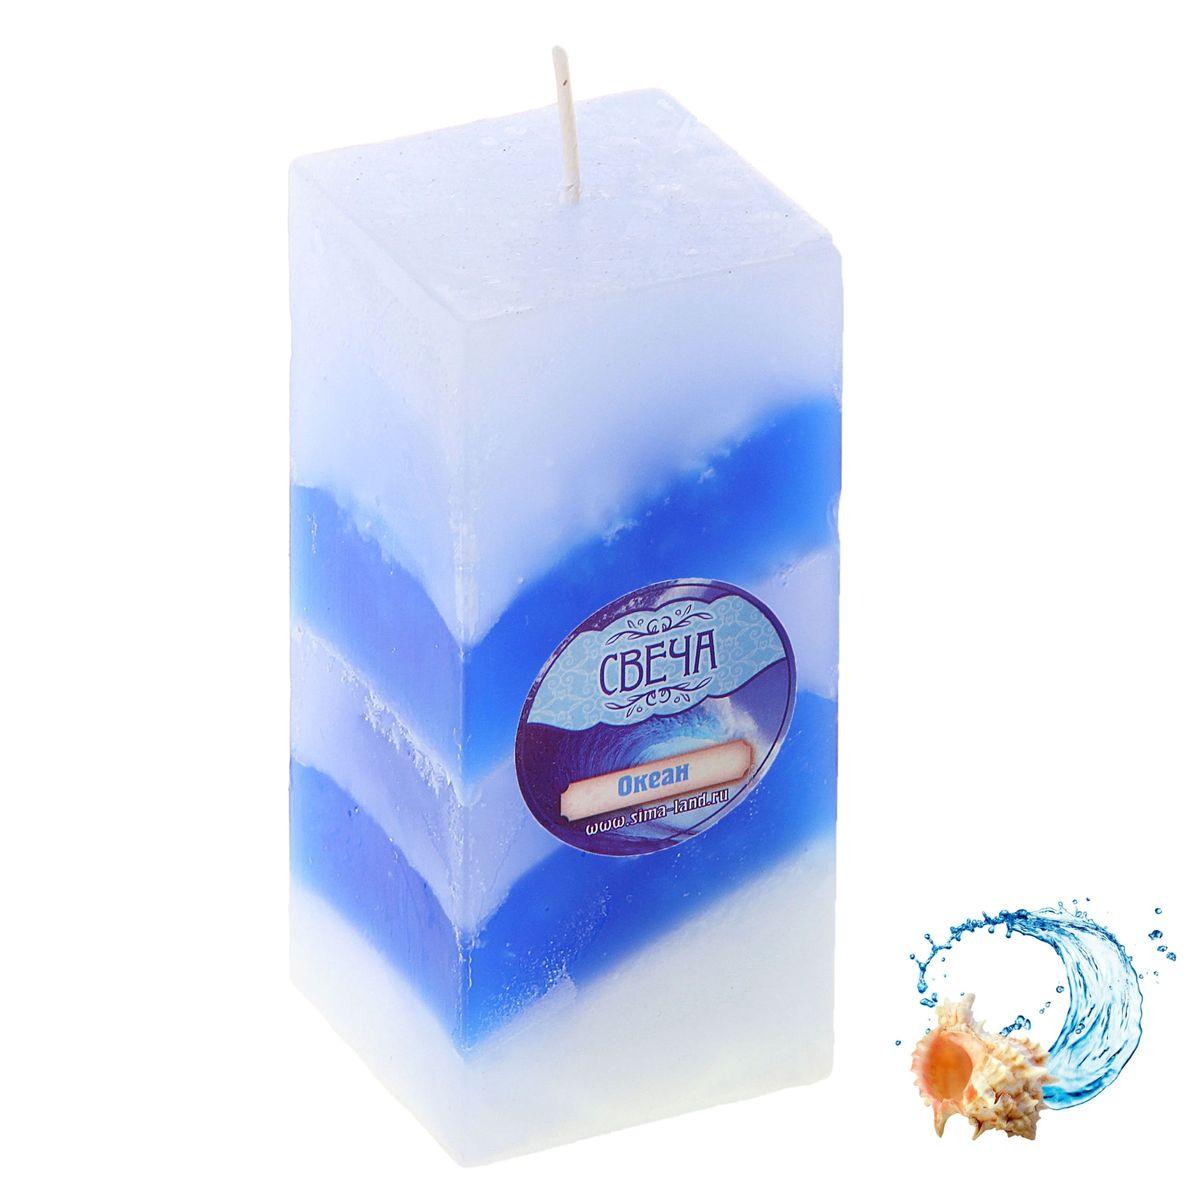 Свеча ароматизированная Sima-land Океан, высота 10 см свеча ароматизированная sima land лимон на подставке высота 6 см